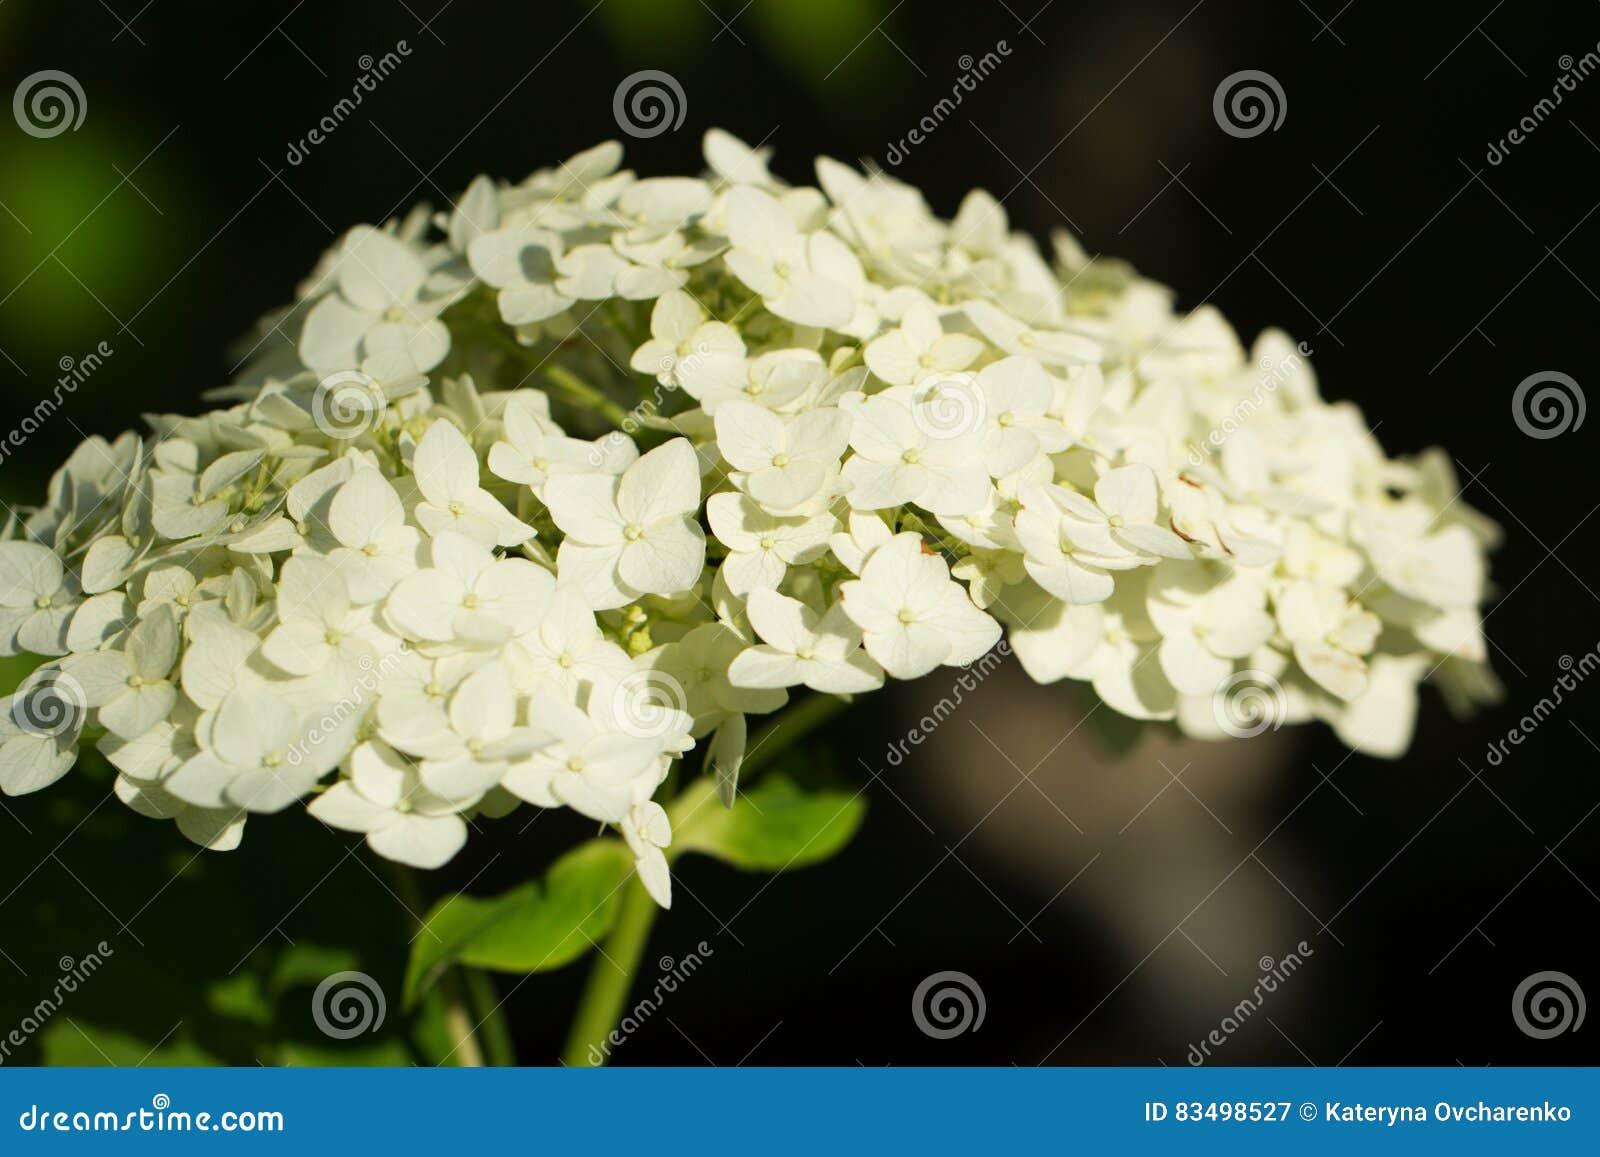 Come Far Fiorire Le Ortensie arbusto con i fiori fertili bianchi - ortensia per